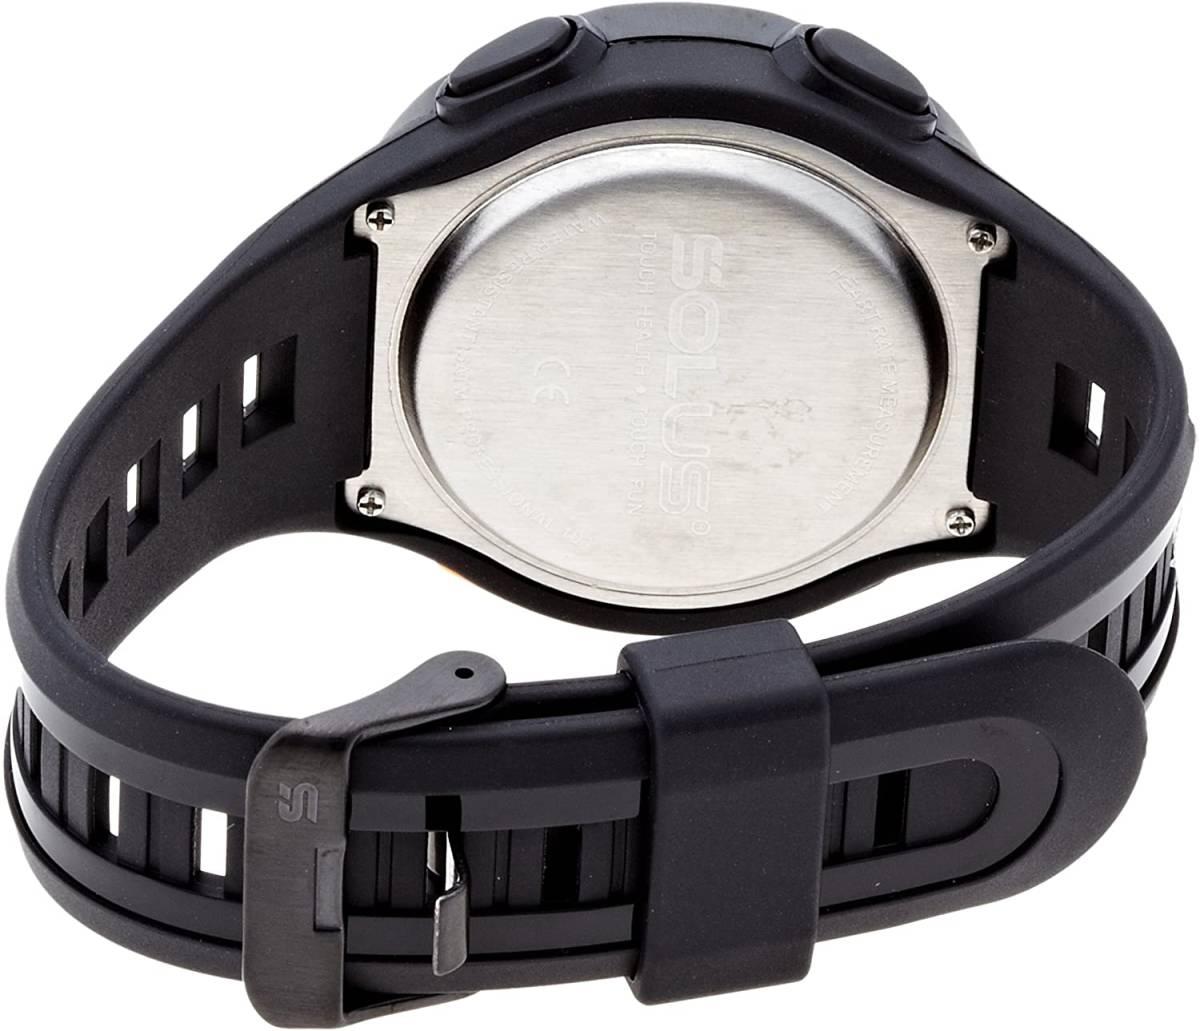 SOLUS [ солнечный s] спорт часы максимальный измеритель пульса в среднем сердце . наручные часы Pro101 стандартный импортные товары черный